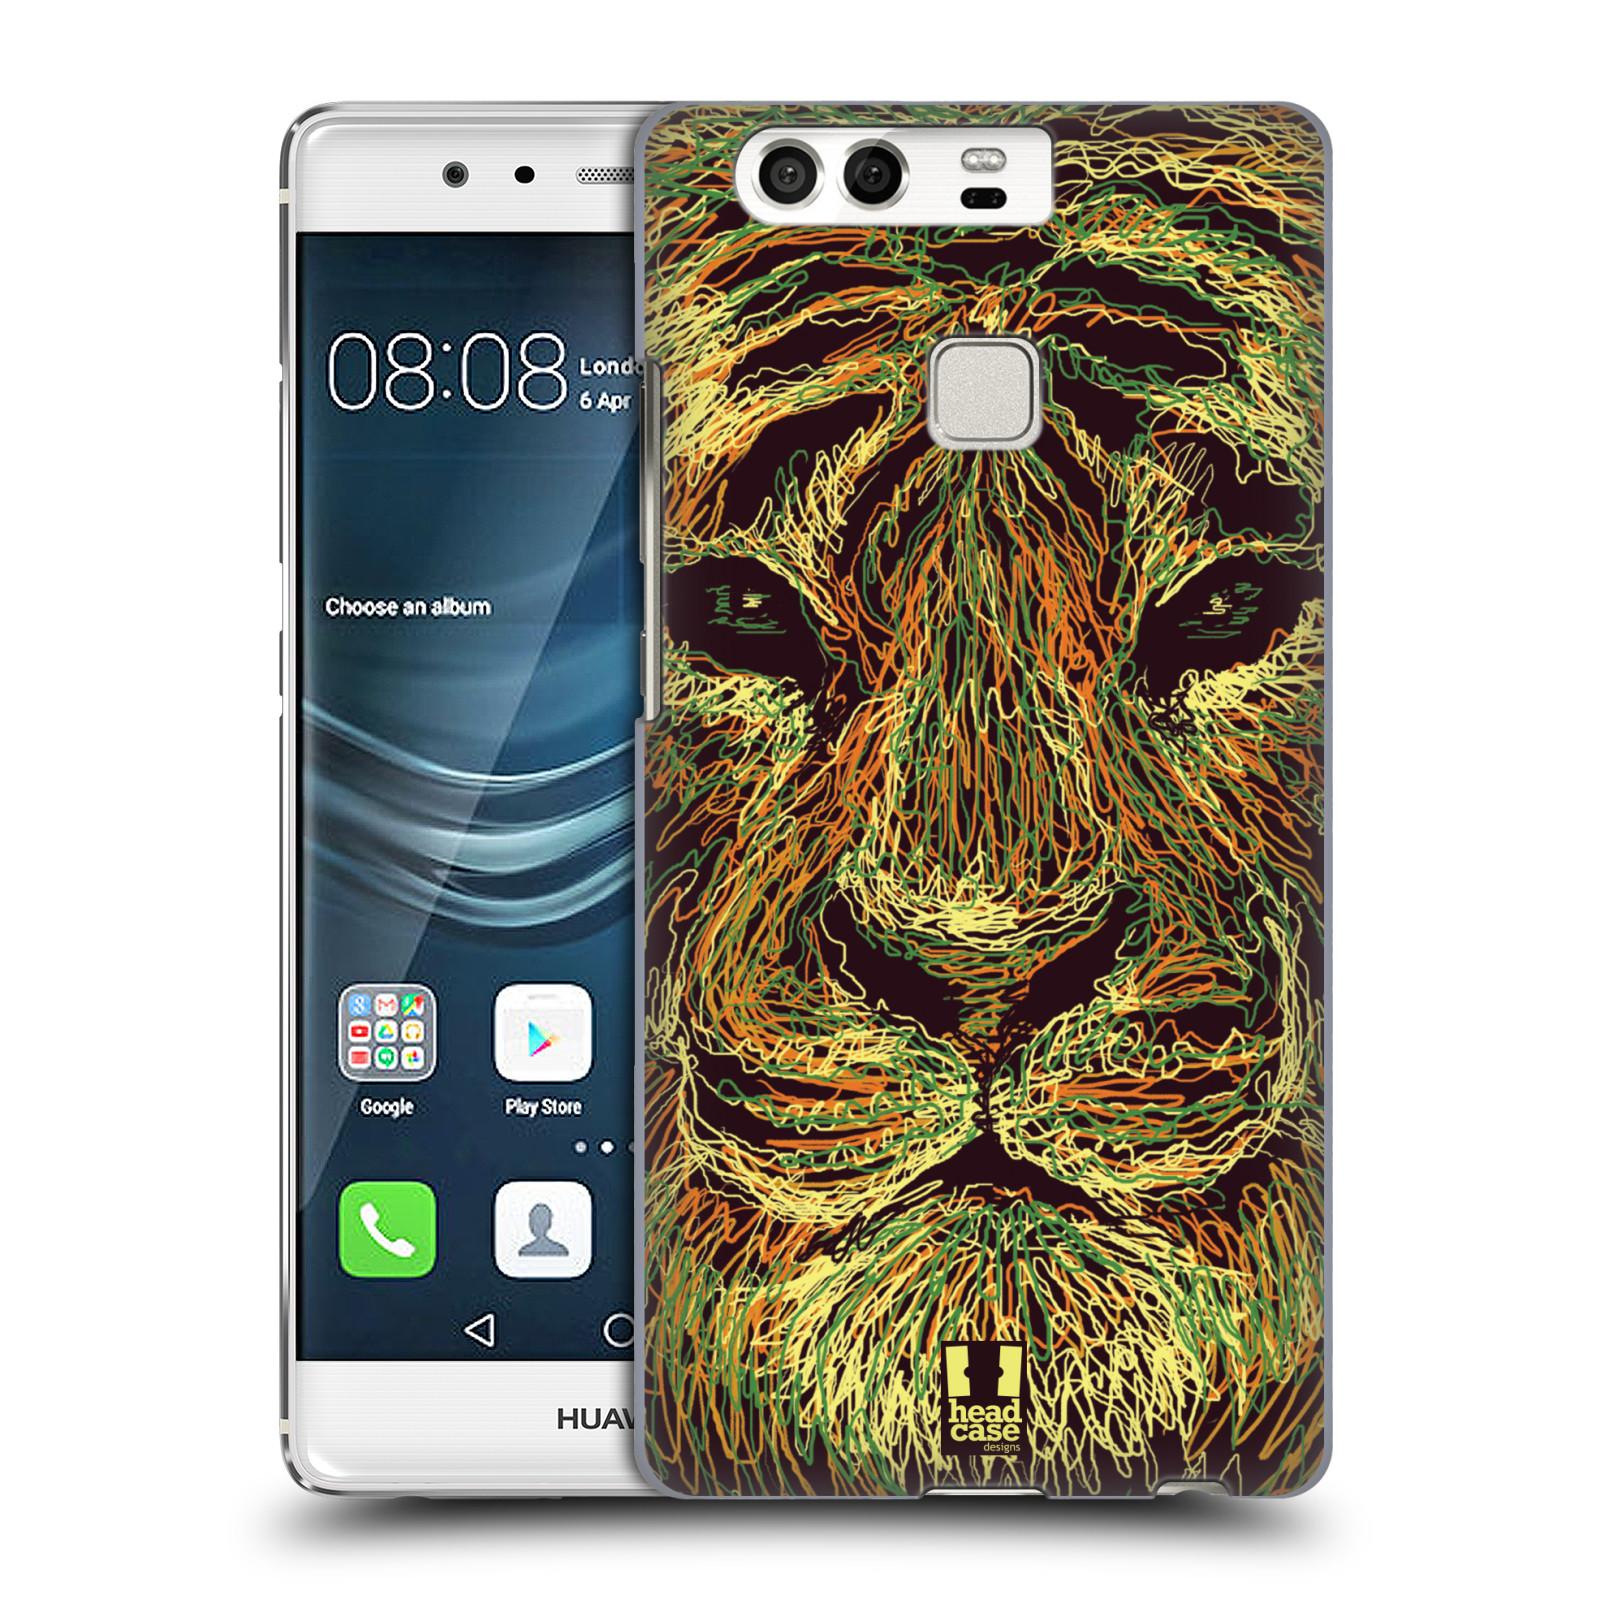 HEAD CASE plastový obal na mobil Huawei P9 / P9 DUAL SIM vzor zvíře čmáranice tygr